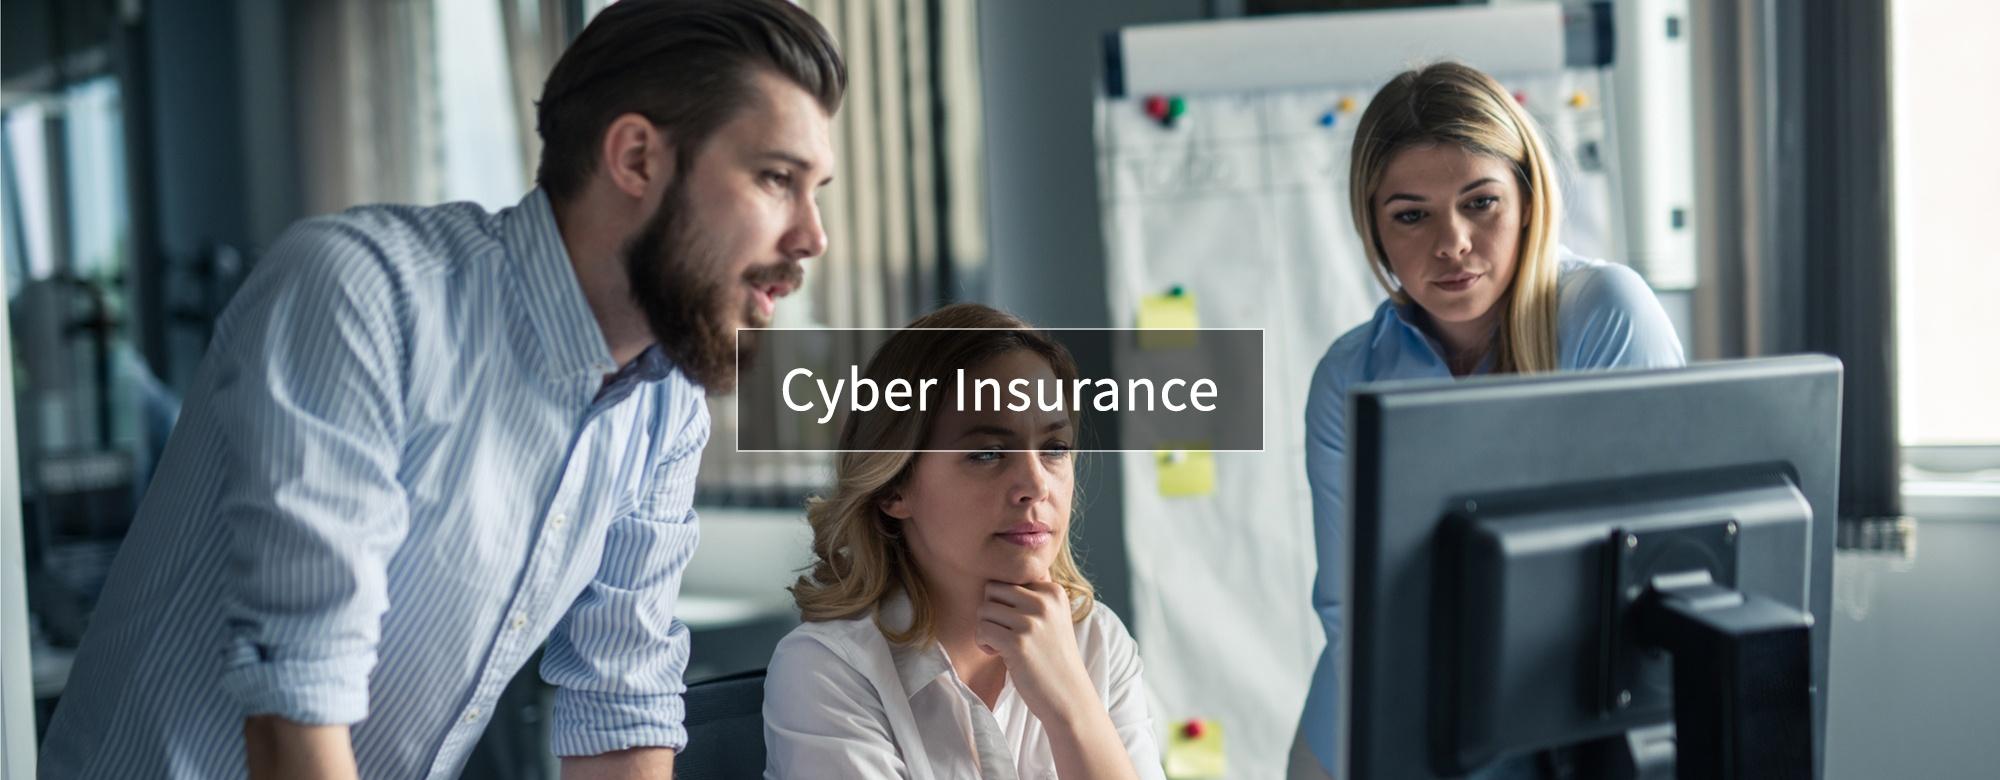 Cyber Insurance in Massachusetts